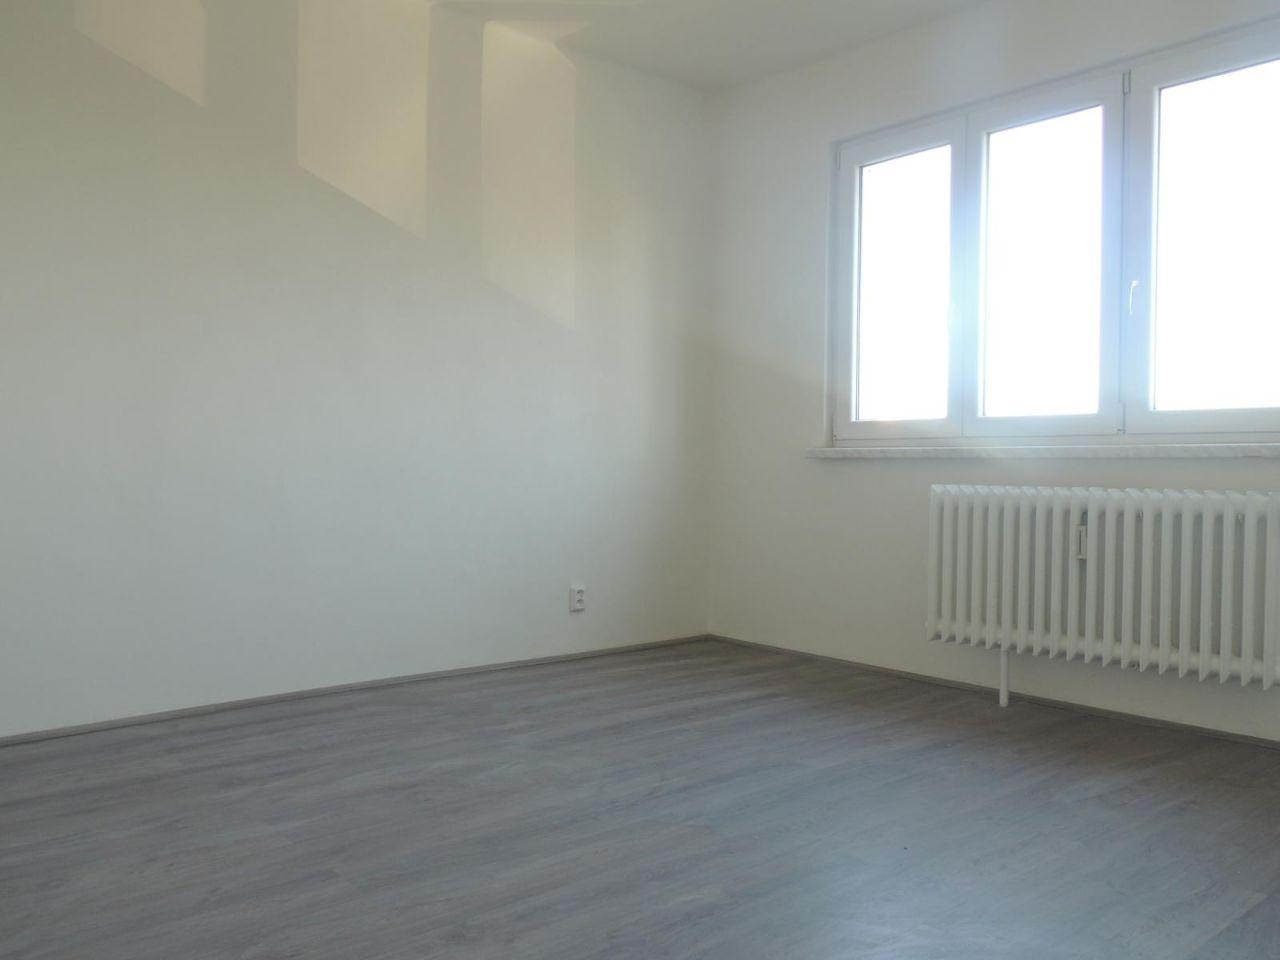 Pronájem bytu 2+1 52 m2, ul. Závodní 953/34, Ostrava - Hrabůvka